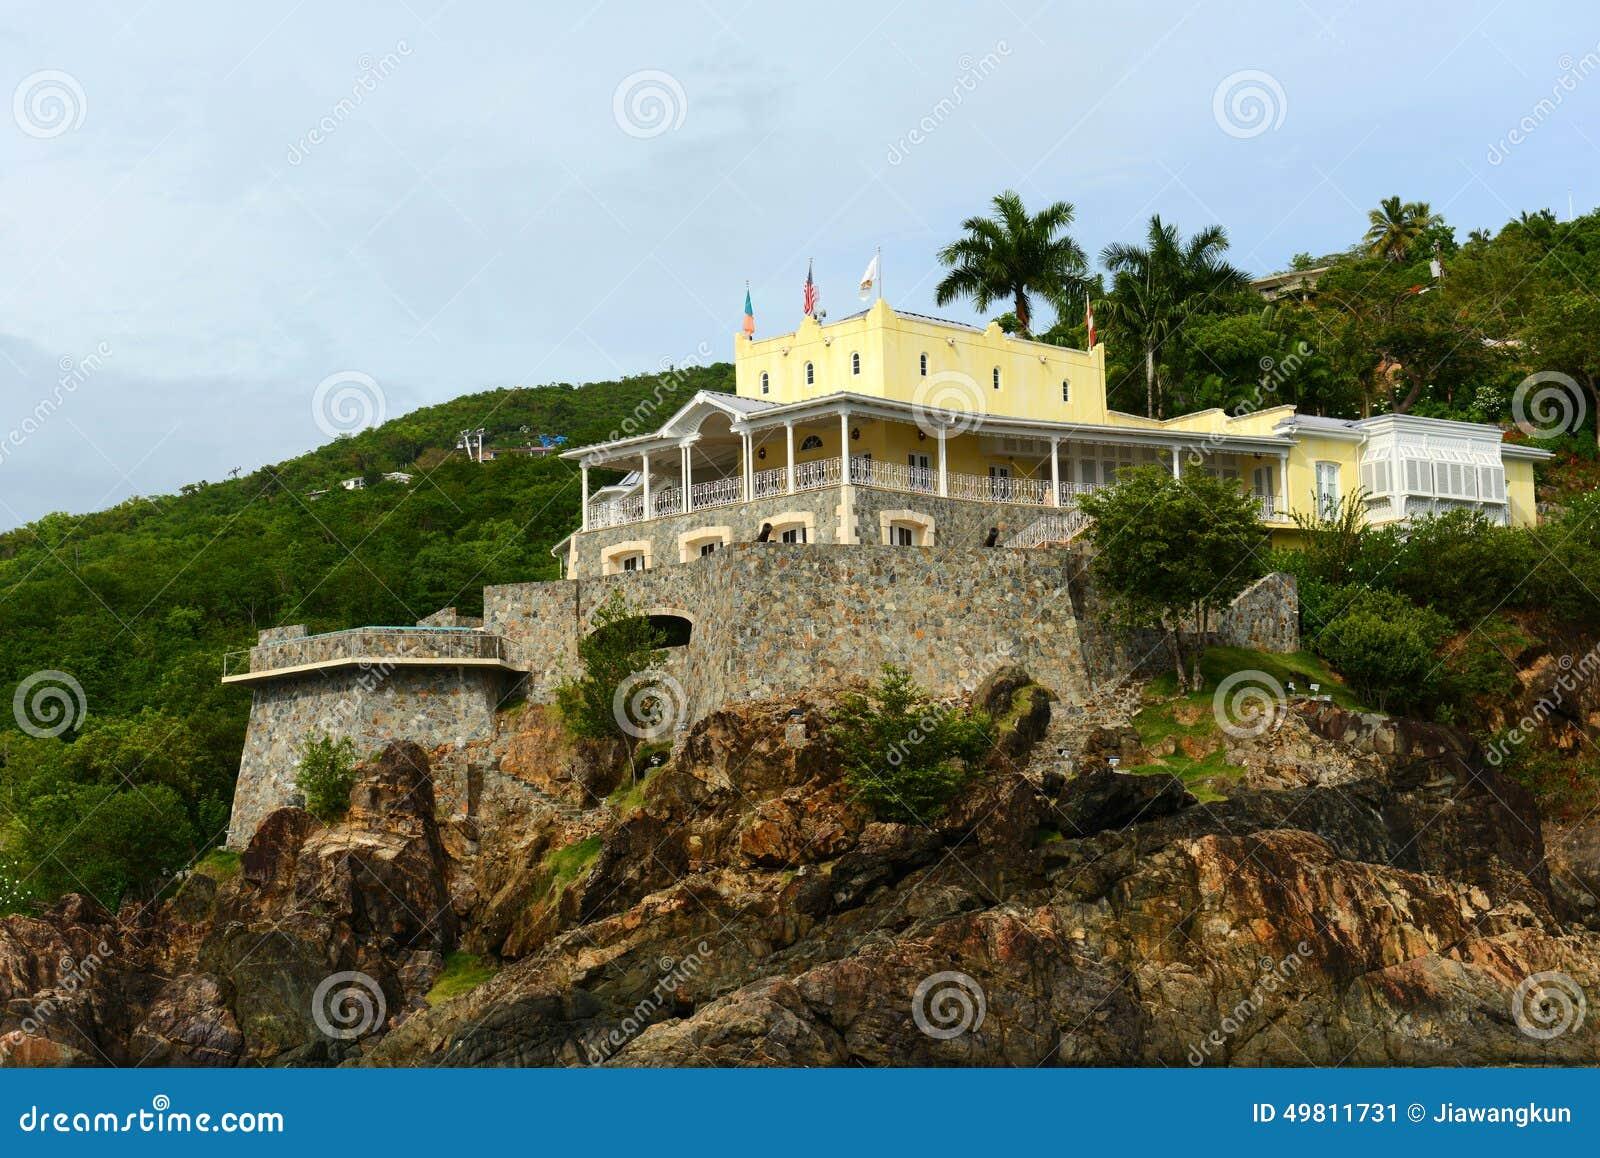 Virgin Islands Hospital